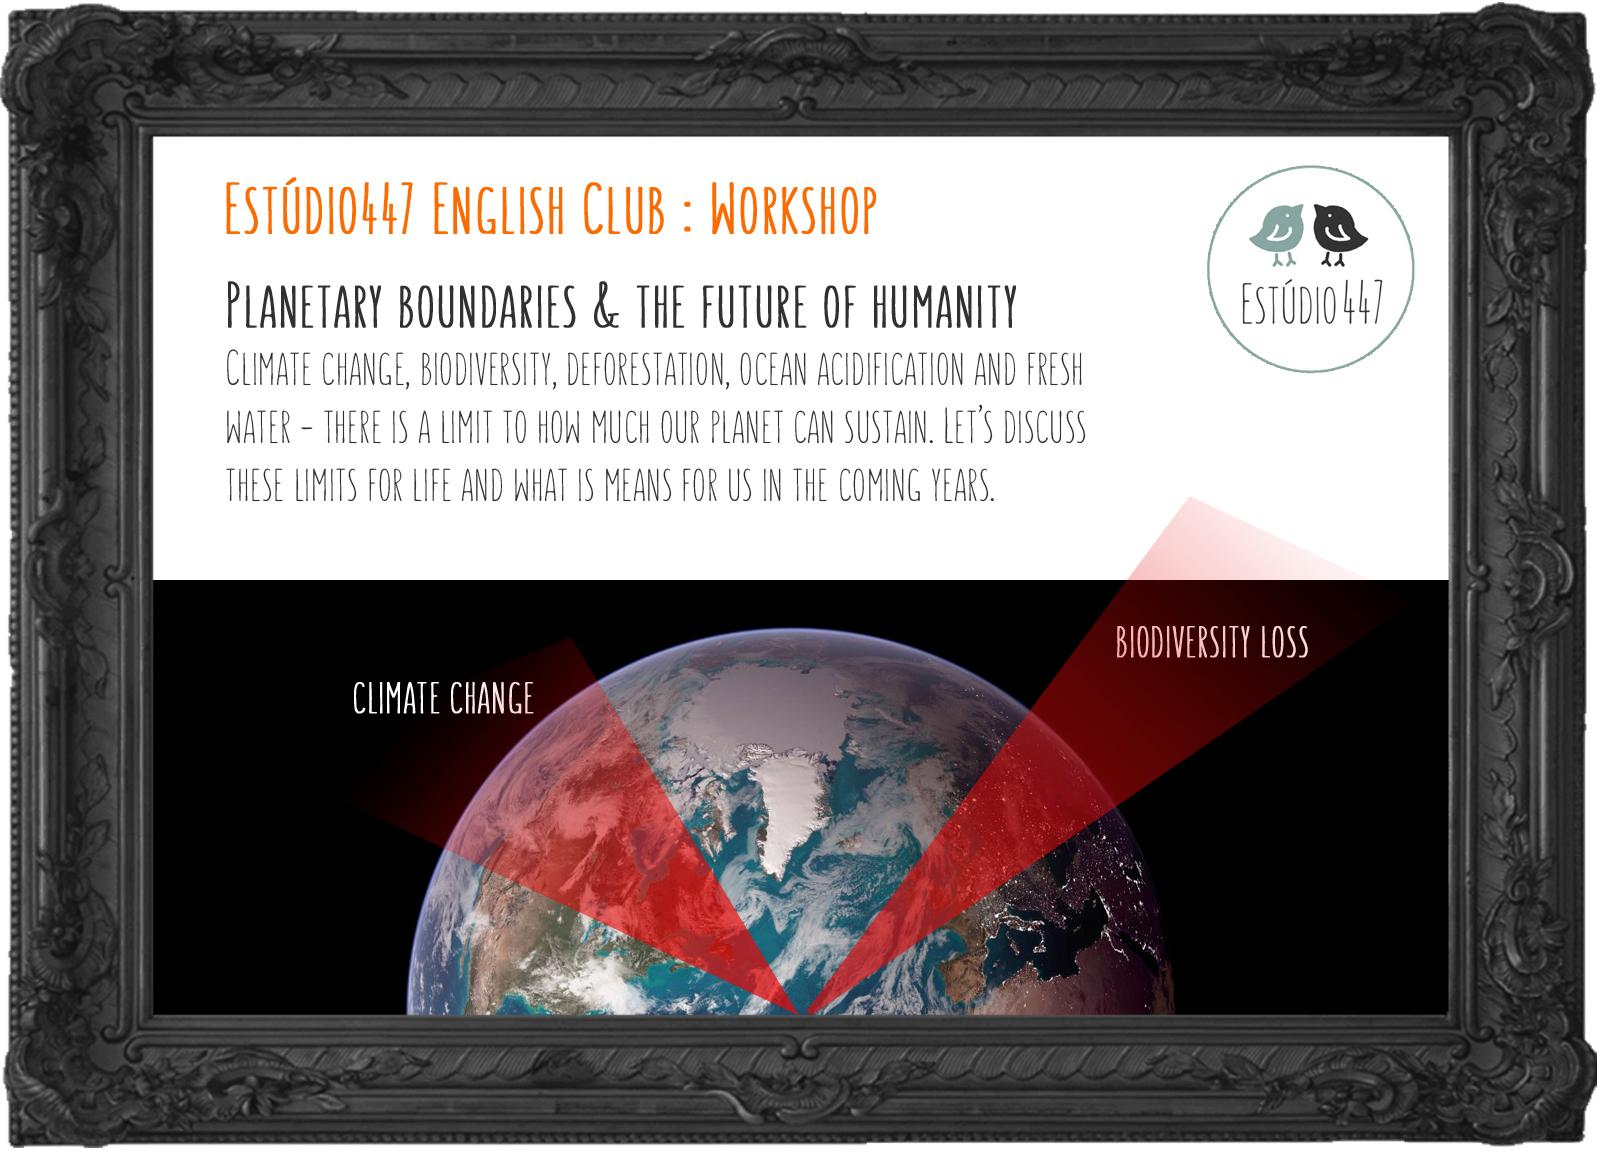 Estúdio447 English Club Moema - Planetary Boundaries